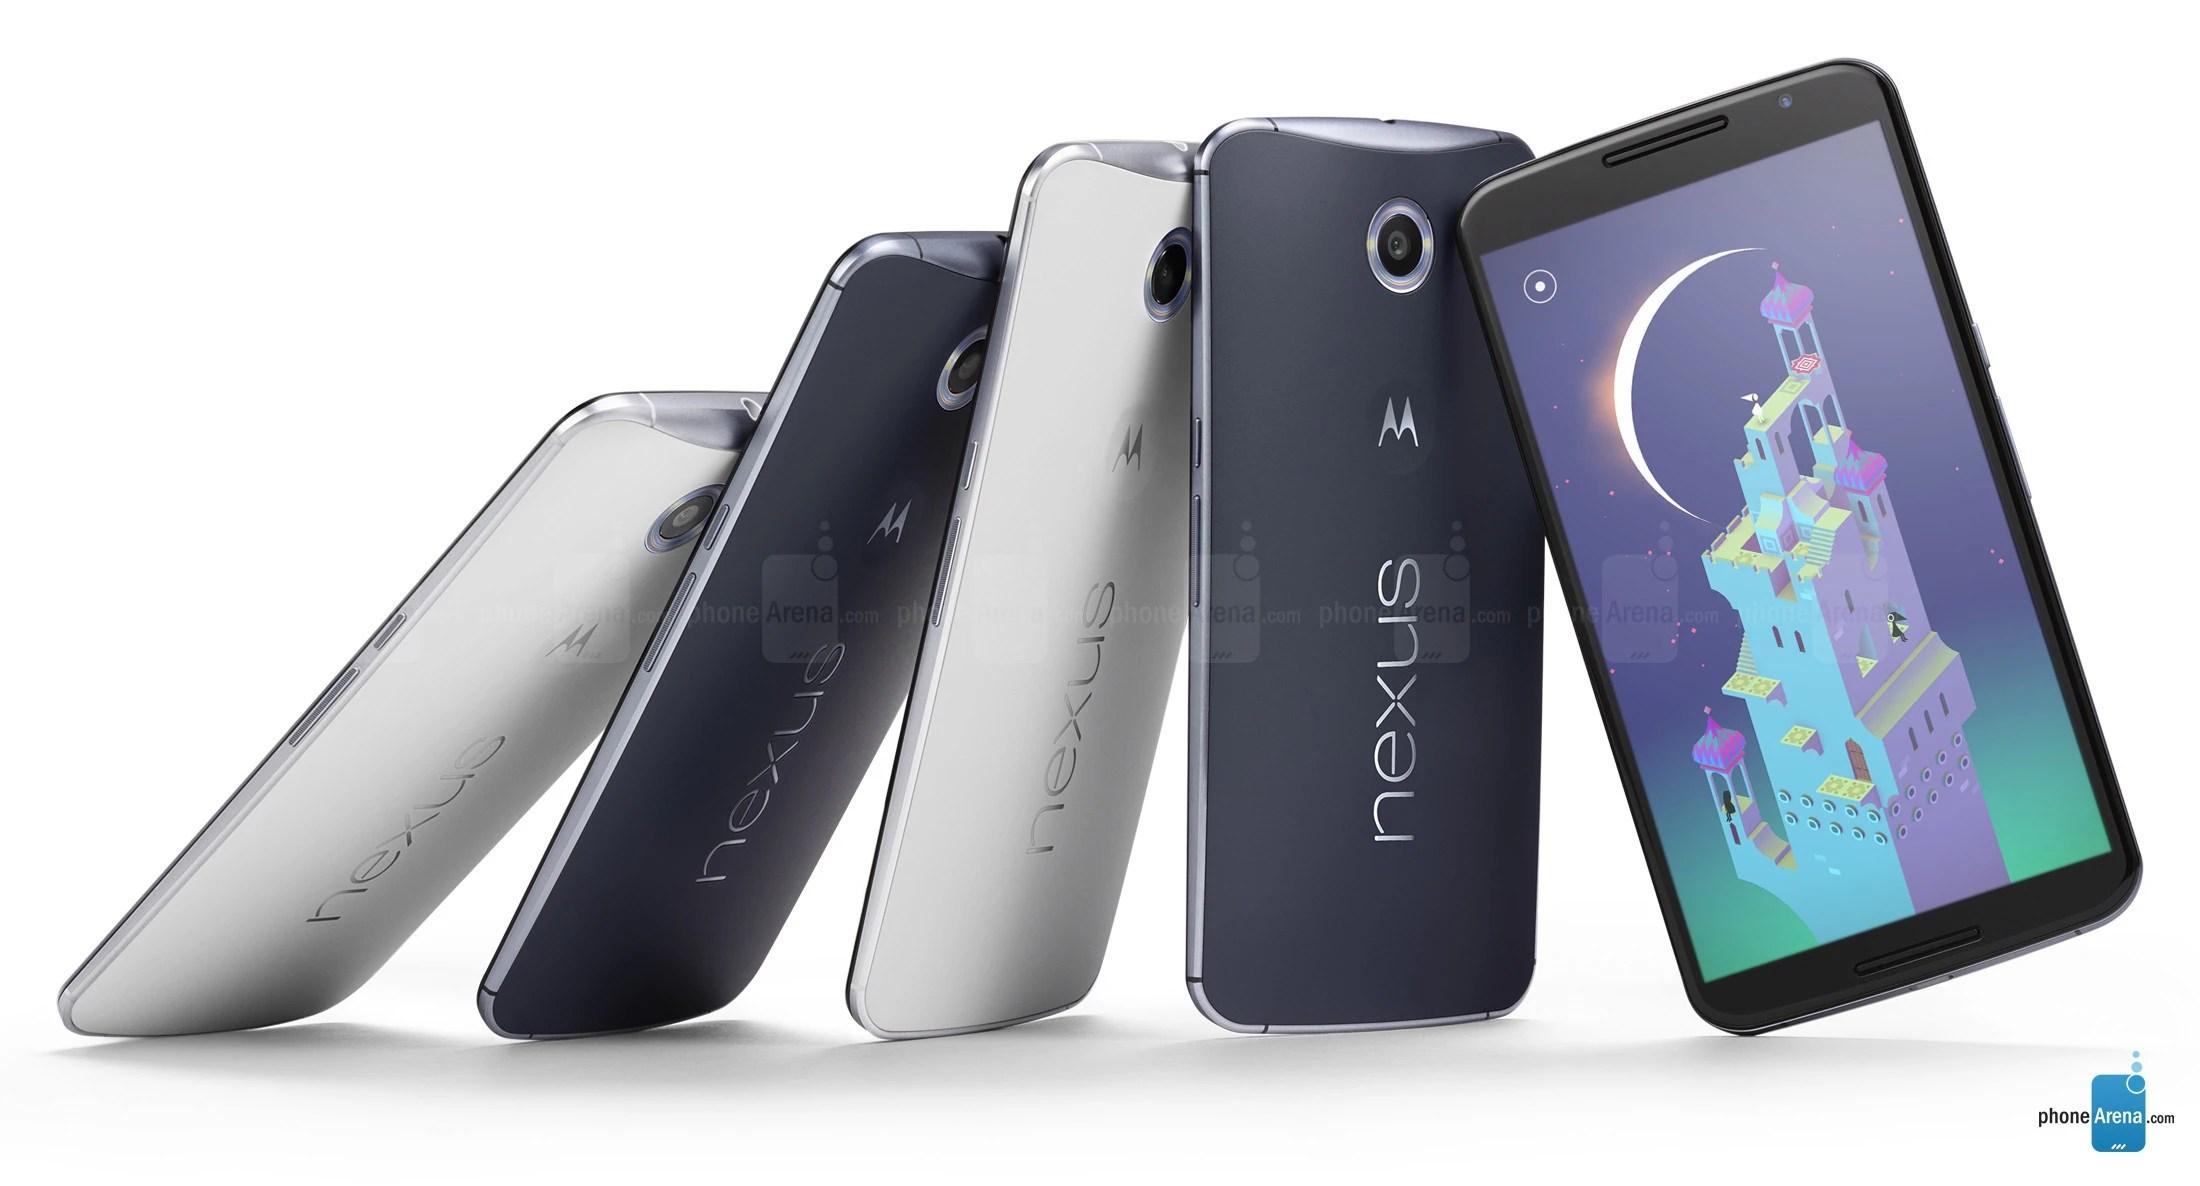 https://i0.wp.com/i-cdn.phonearena.com/images/phones/49495-xlarge/Google-Nexus-6-4a.jpg